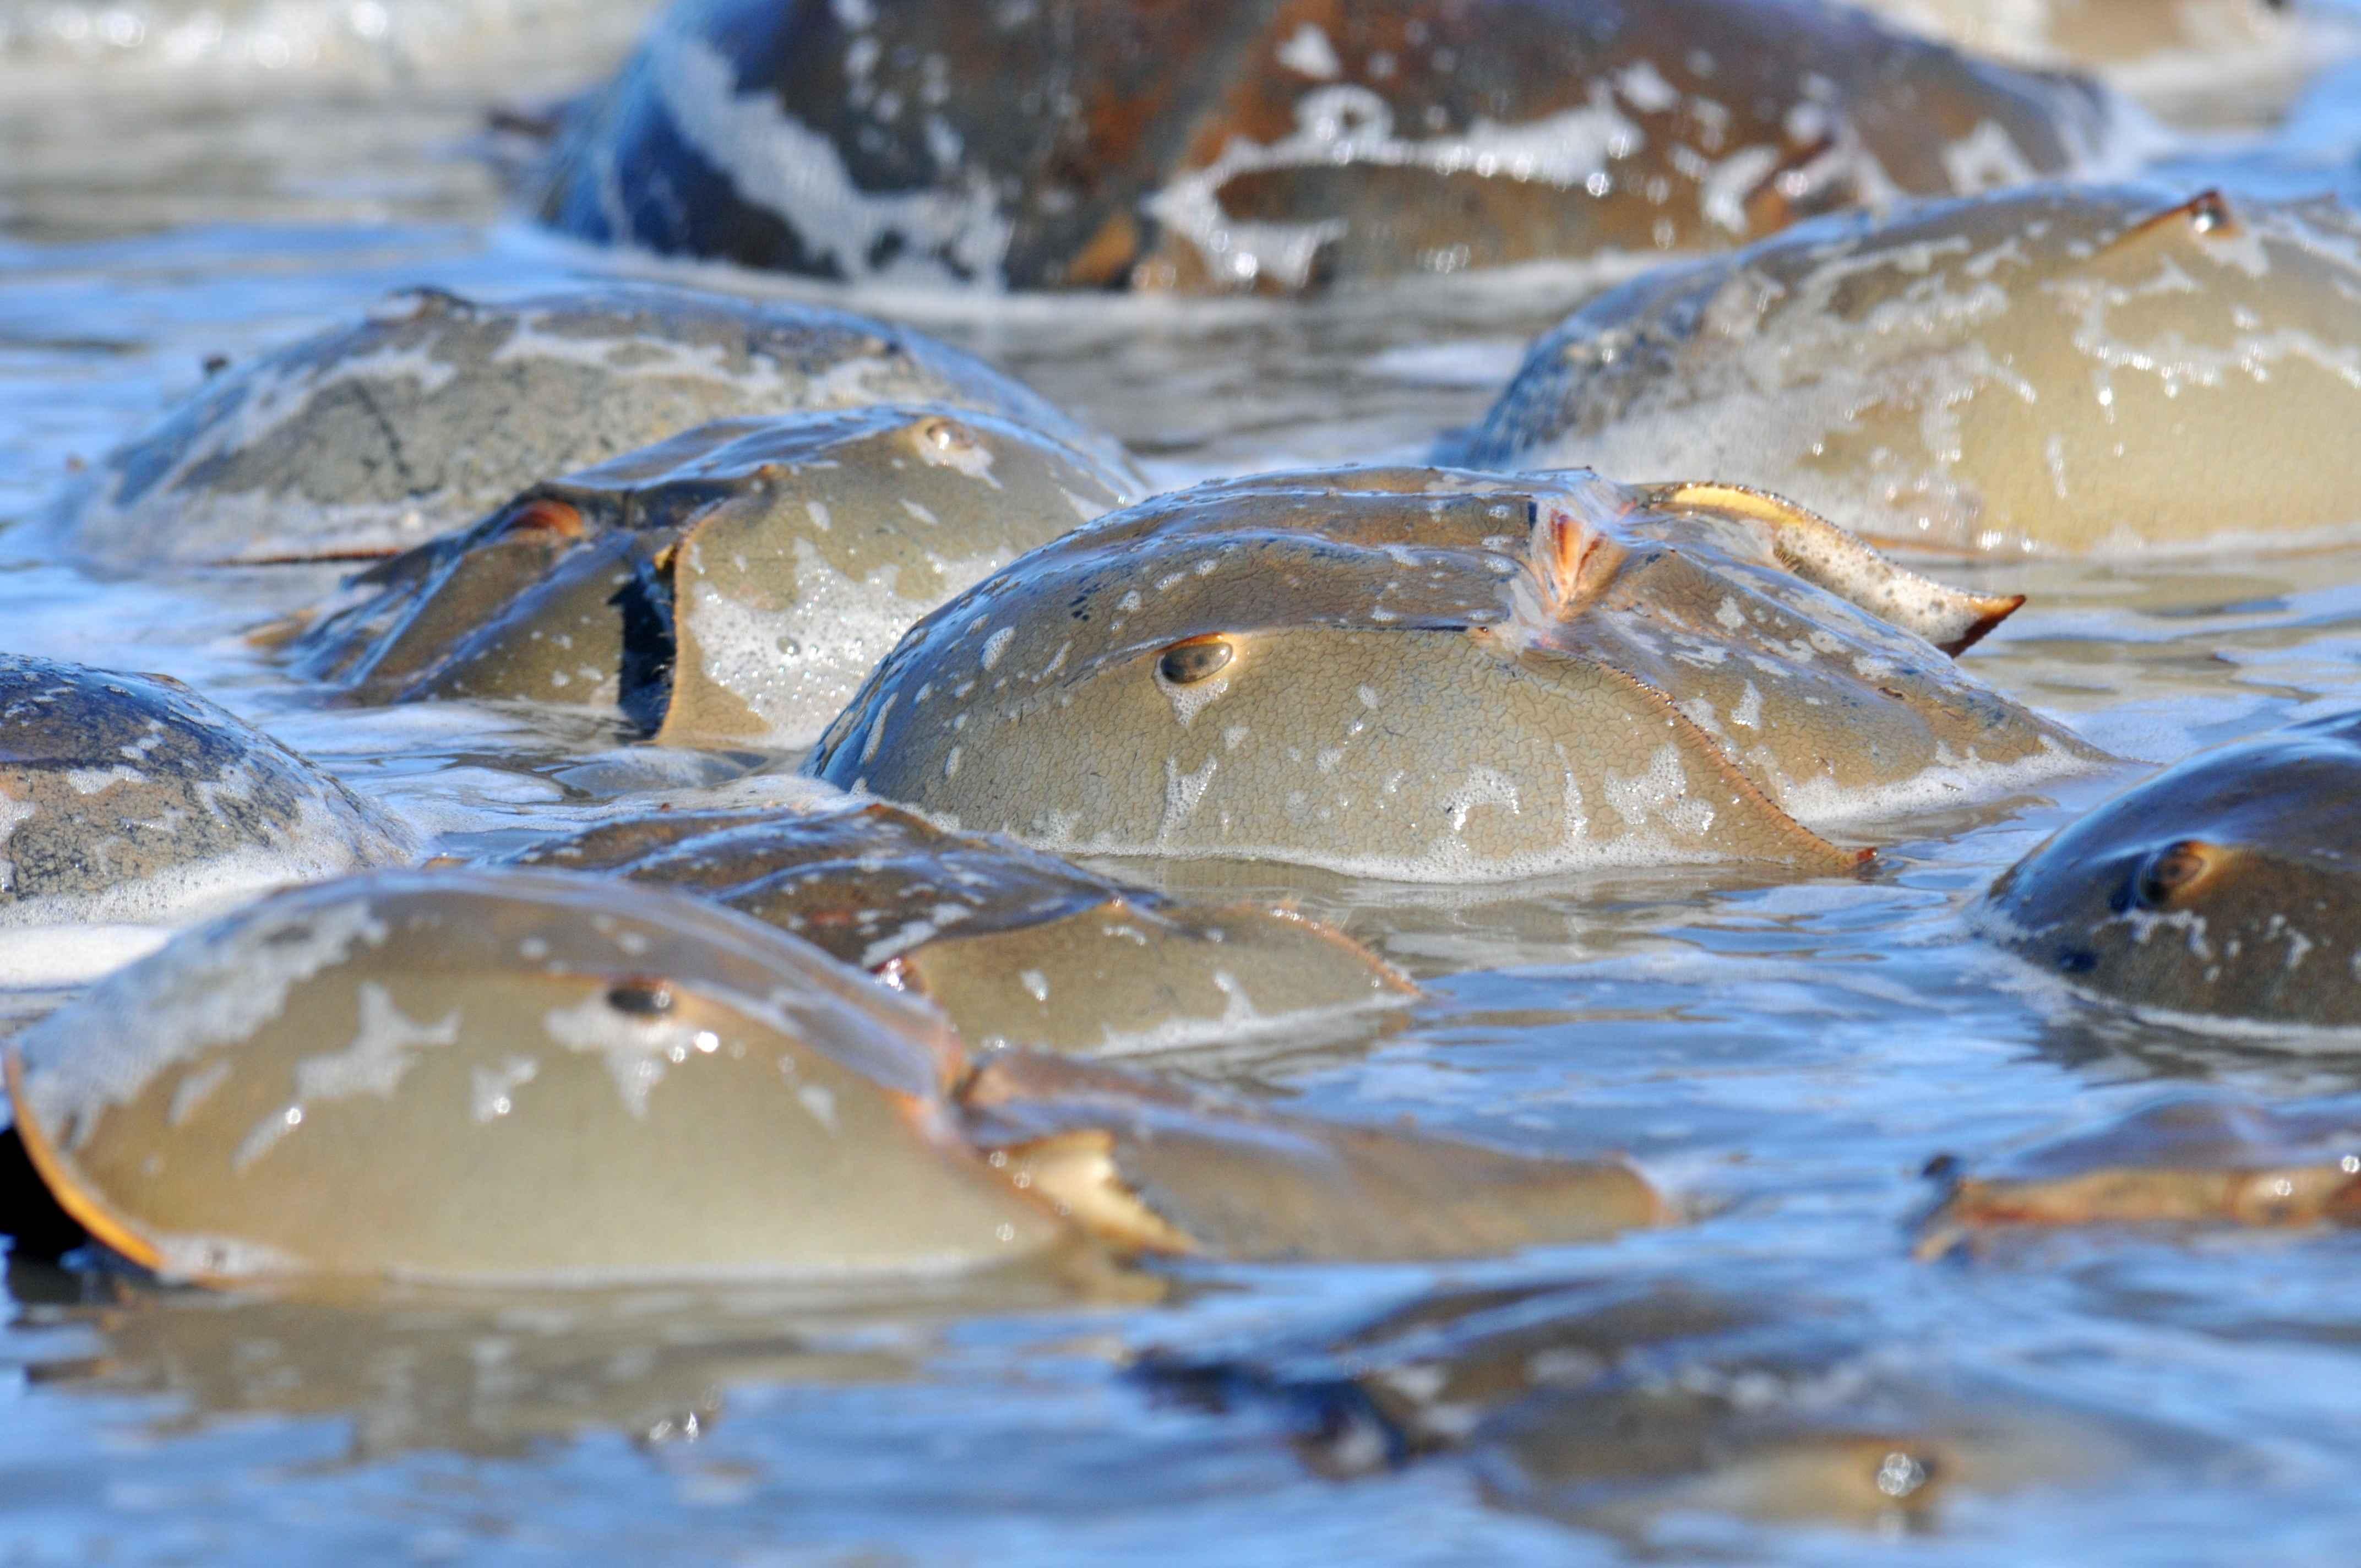 Horseshoe crabs. Courtesy of Richard Elson